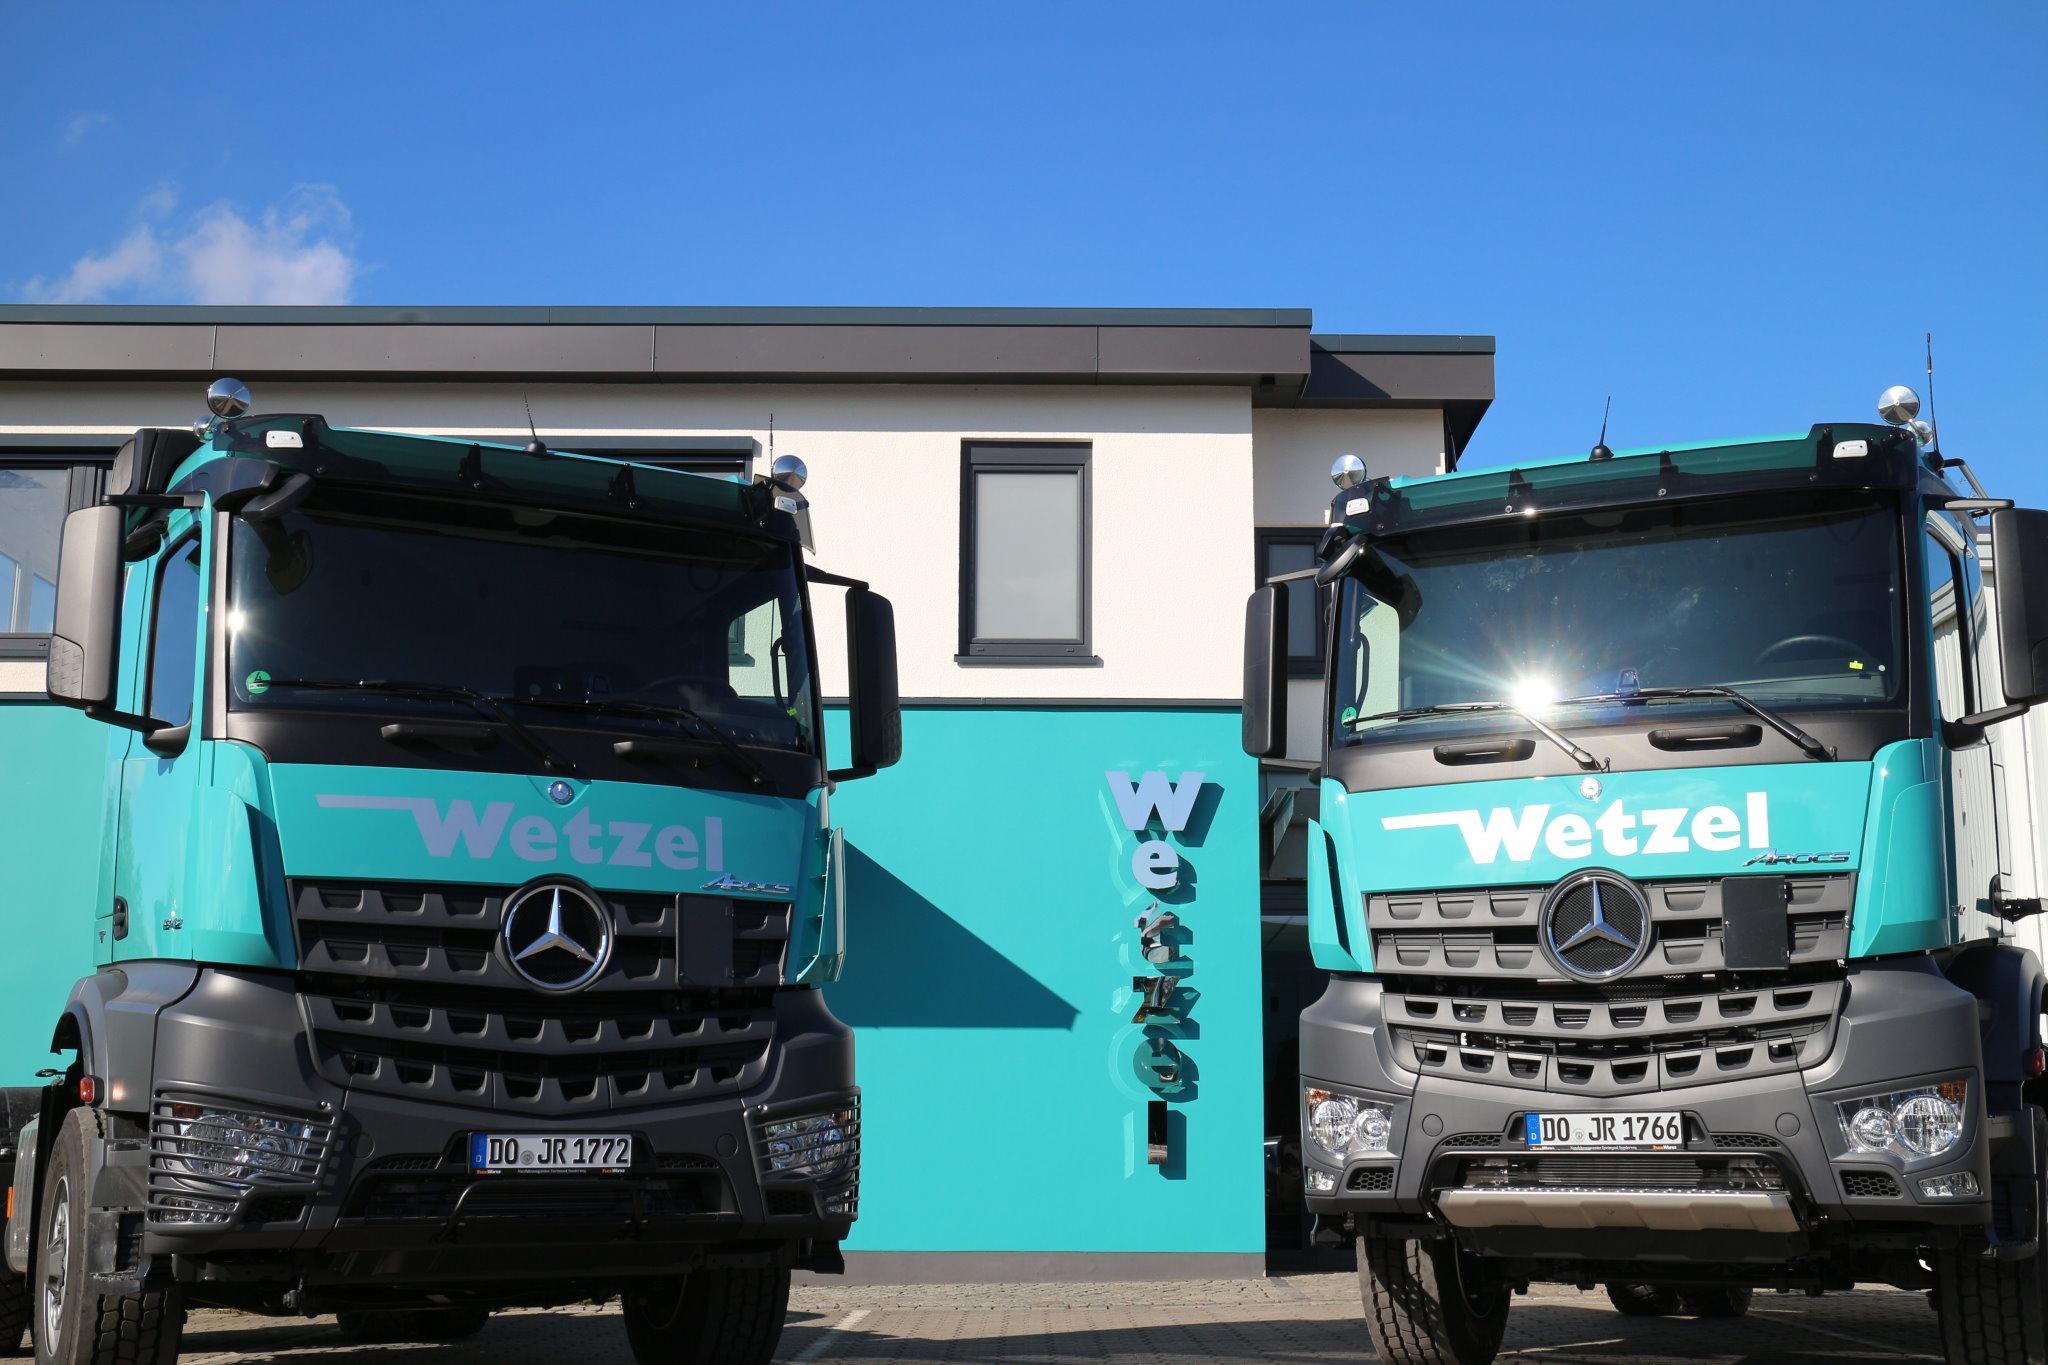 Wetzel Transporte GmbH Dortmund - Baustoffe